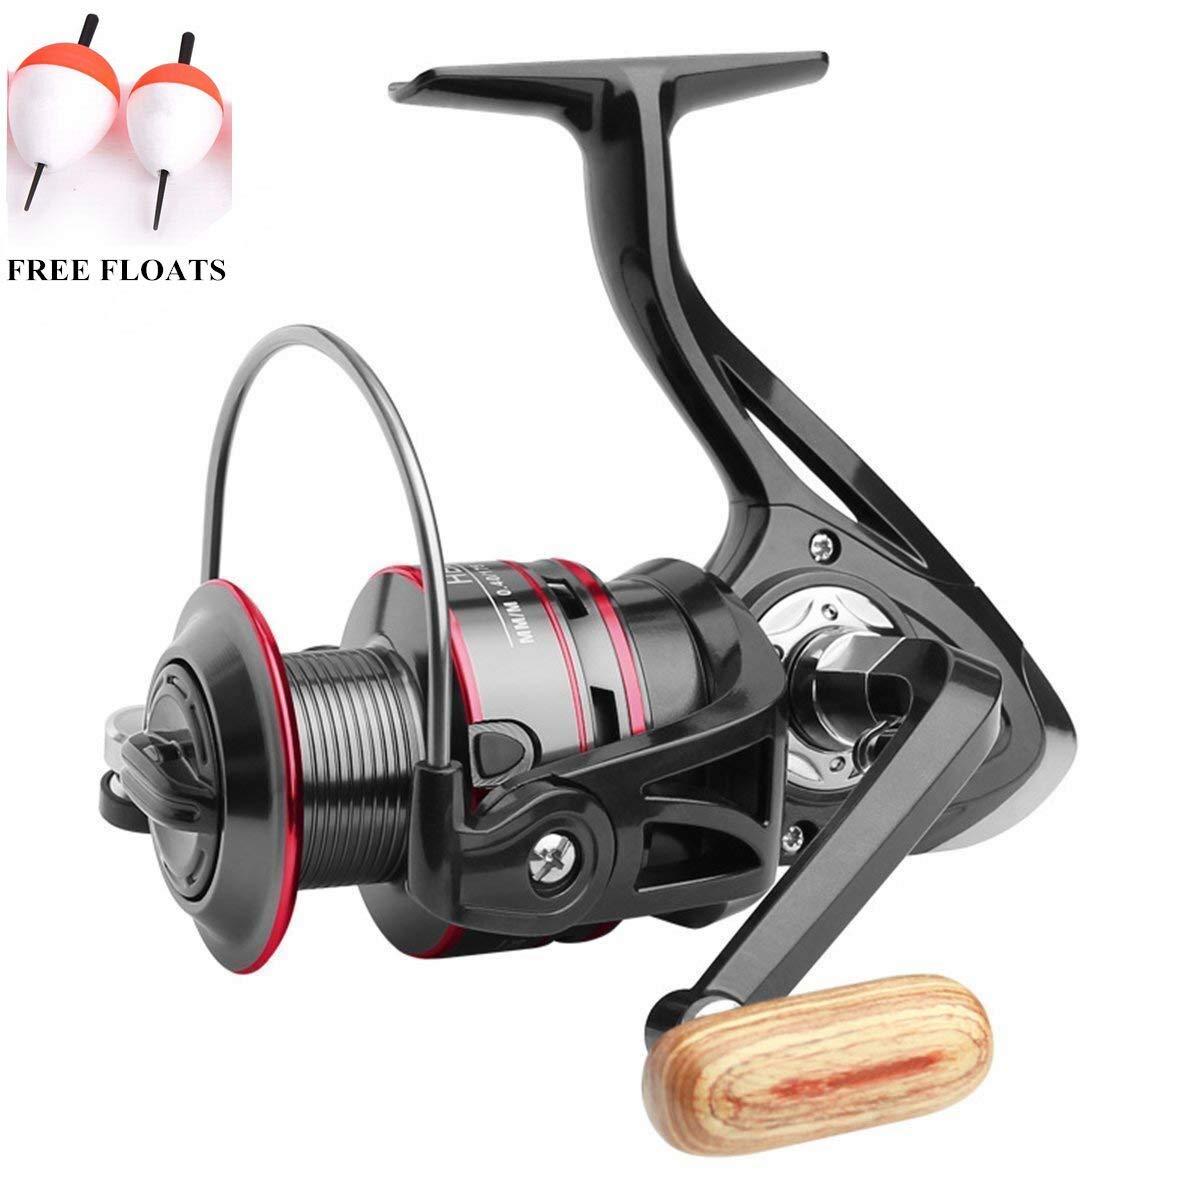 ECOOLBUY Moulinet de pêche pour pêche en haute mer et pêche côtière 12BB 5.2: 1 moulineten métal pour pêche à la carpe Series 100020003000400050006000 7000